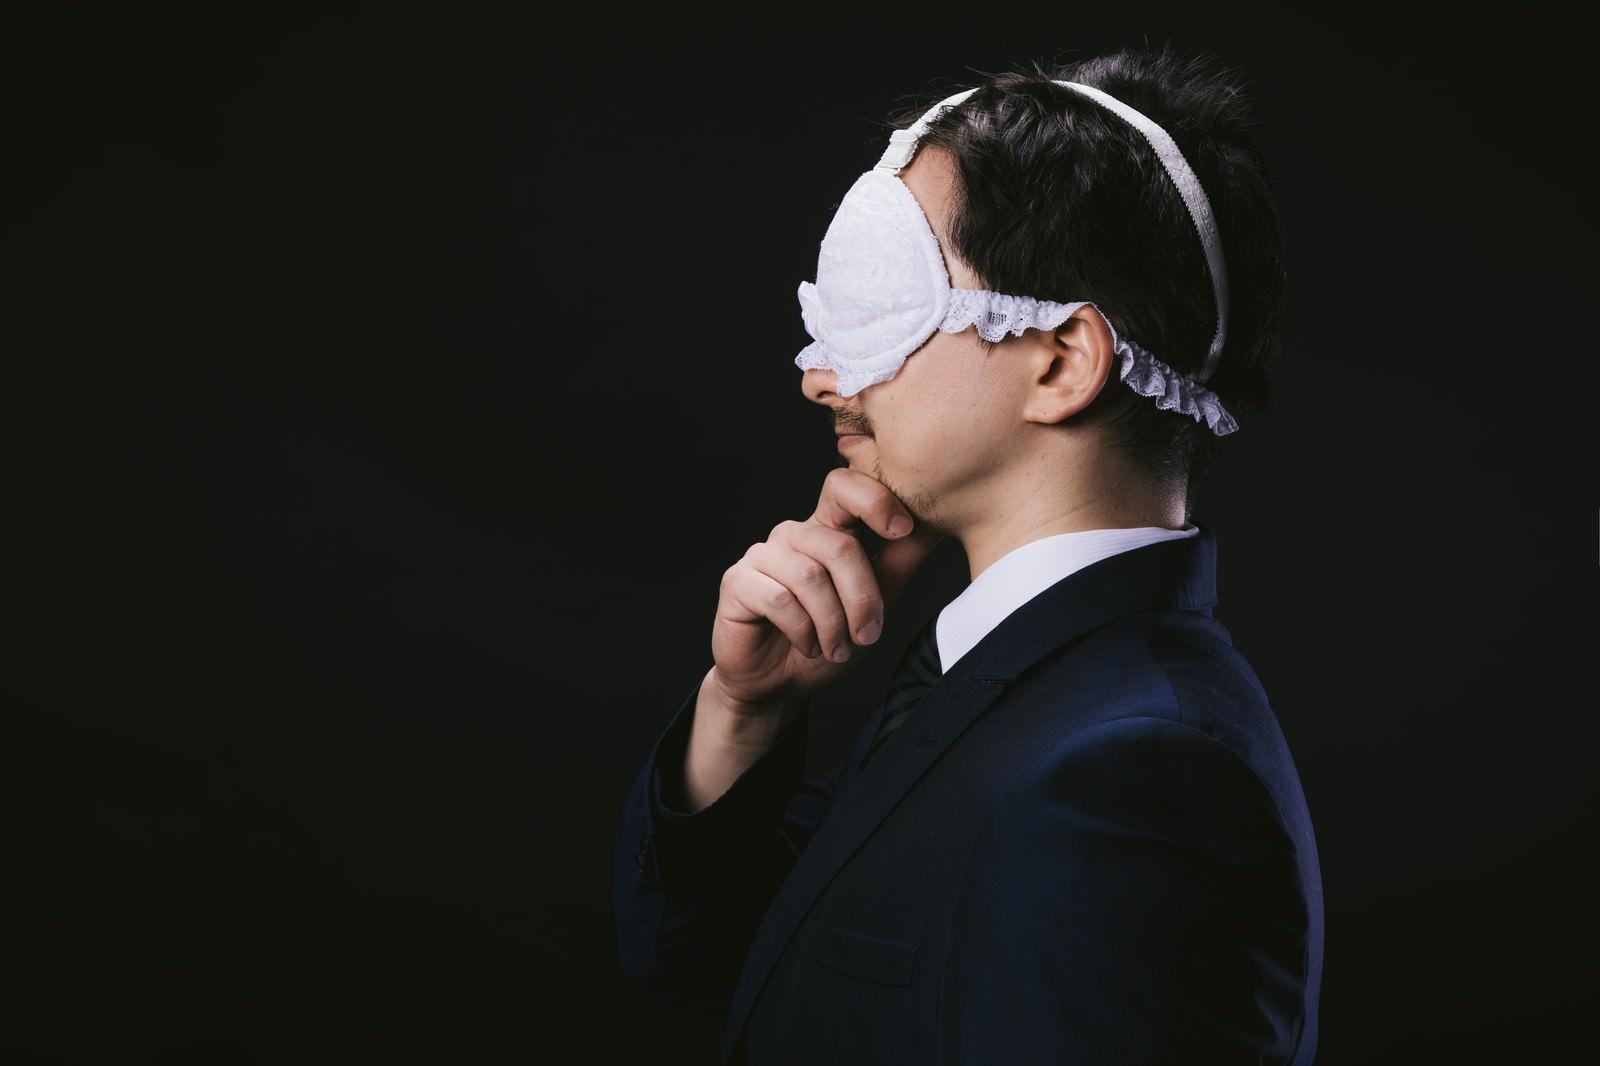 「妄想具現化アイマスクを着用するドイツ人ハーフ妄想具現化アイマスクを着用するドイツ人ハーフ」[モデル:Max_Ezaki]のフリー写真素材を拡大